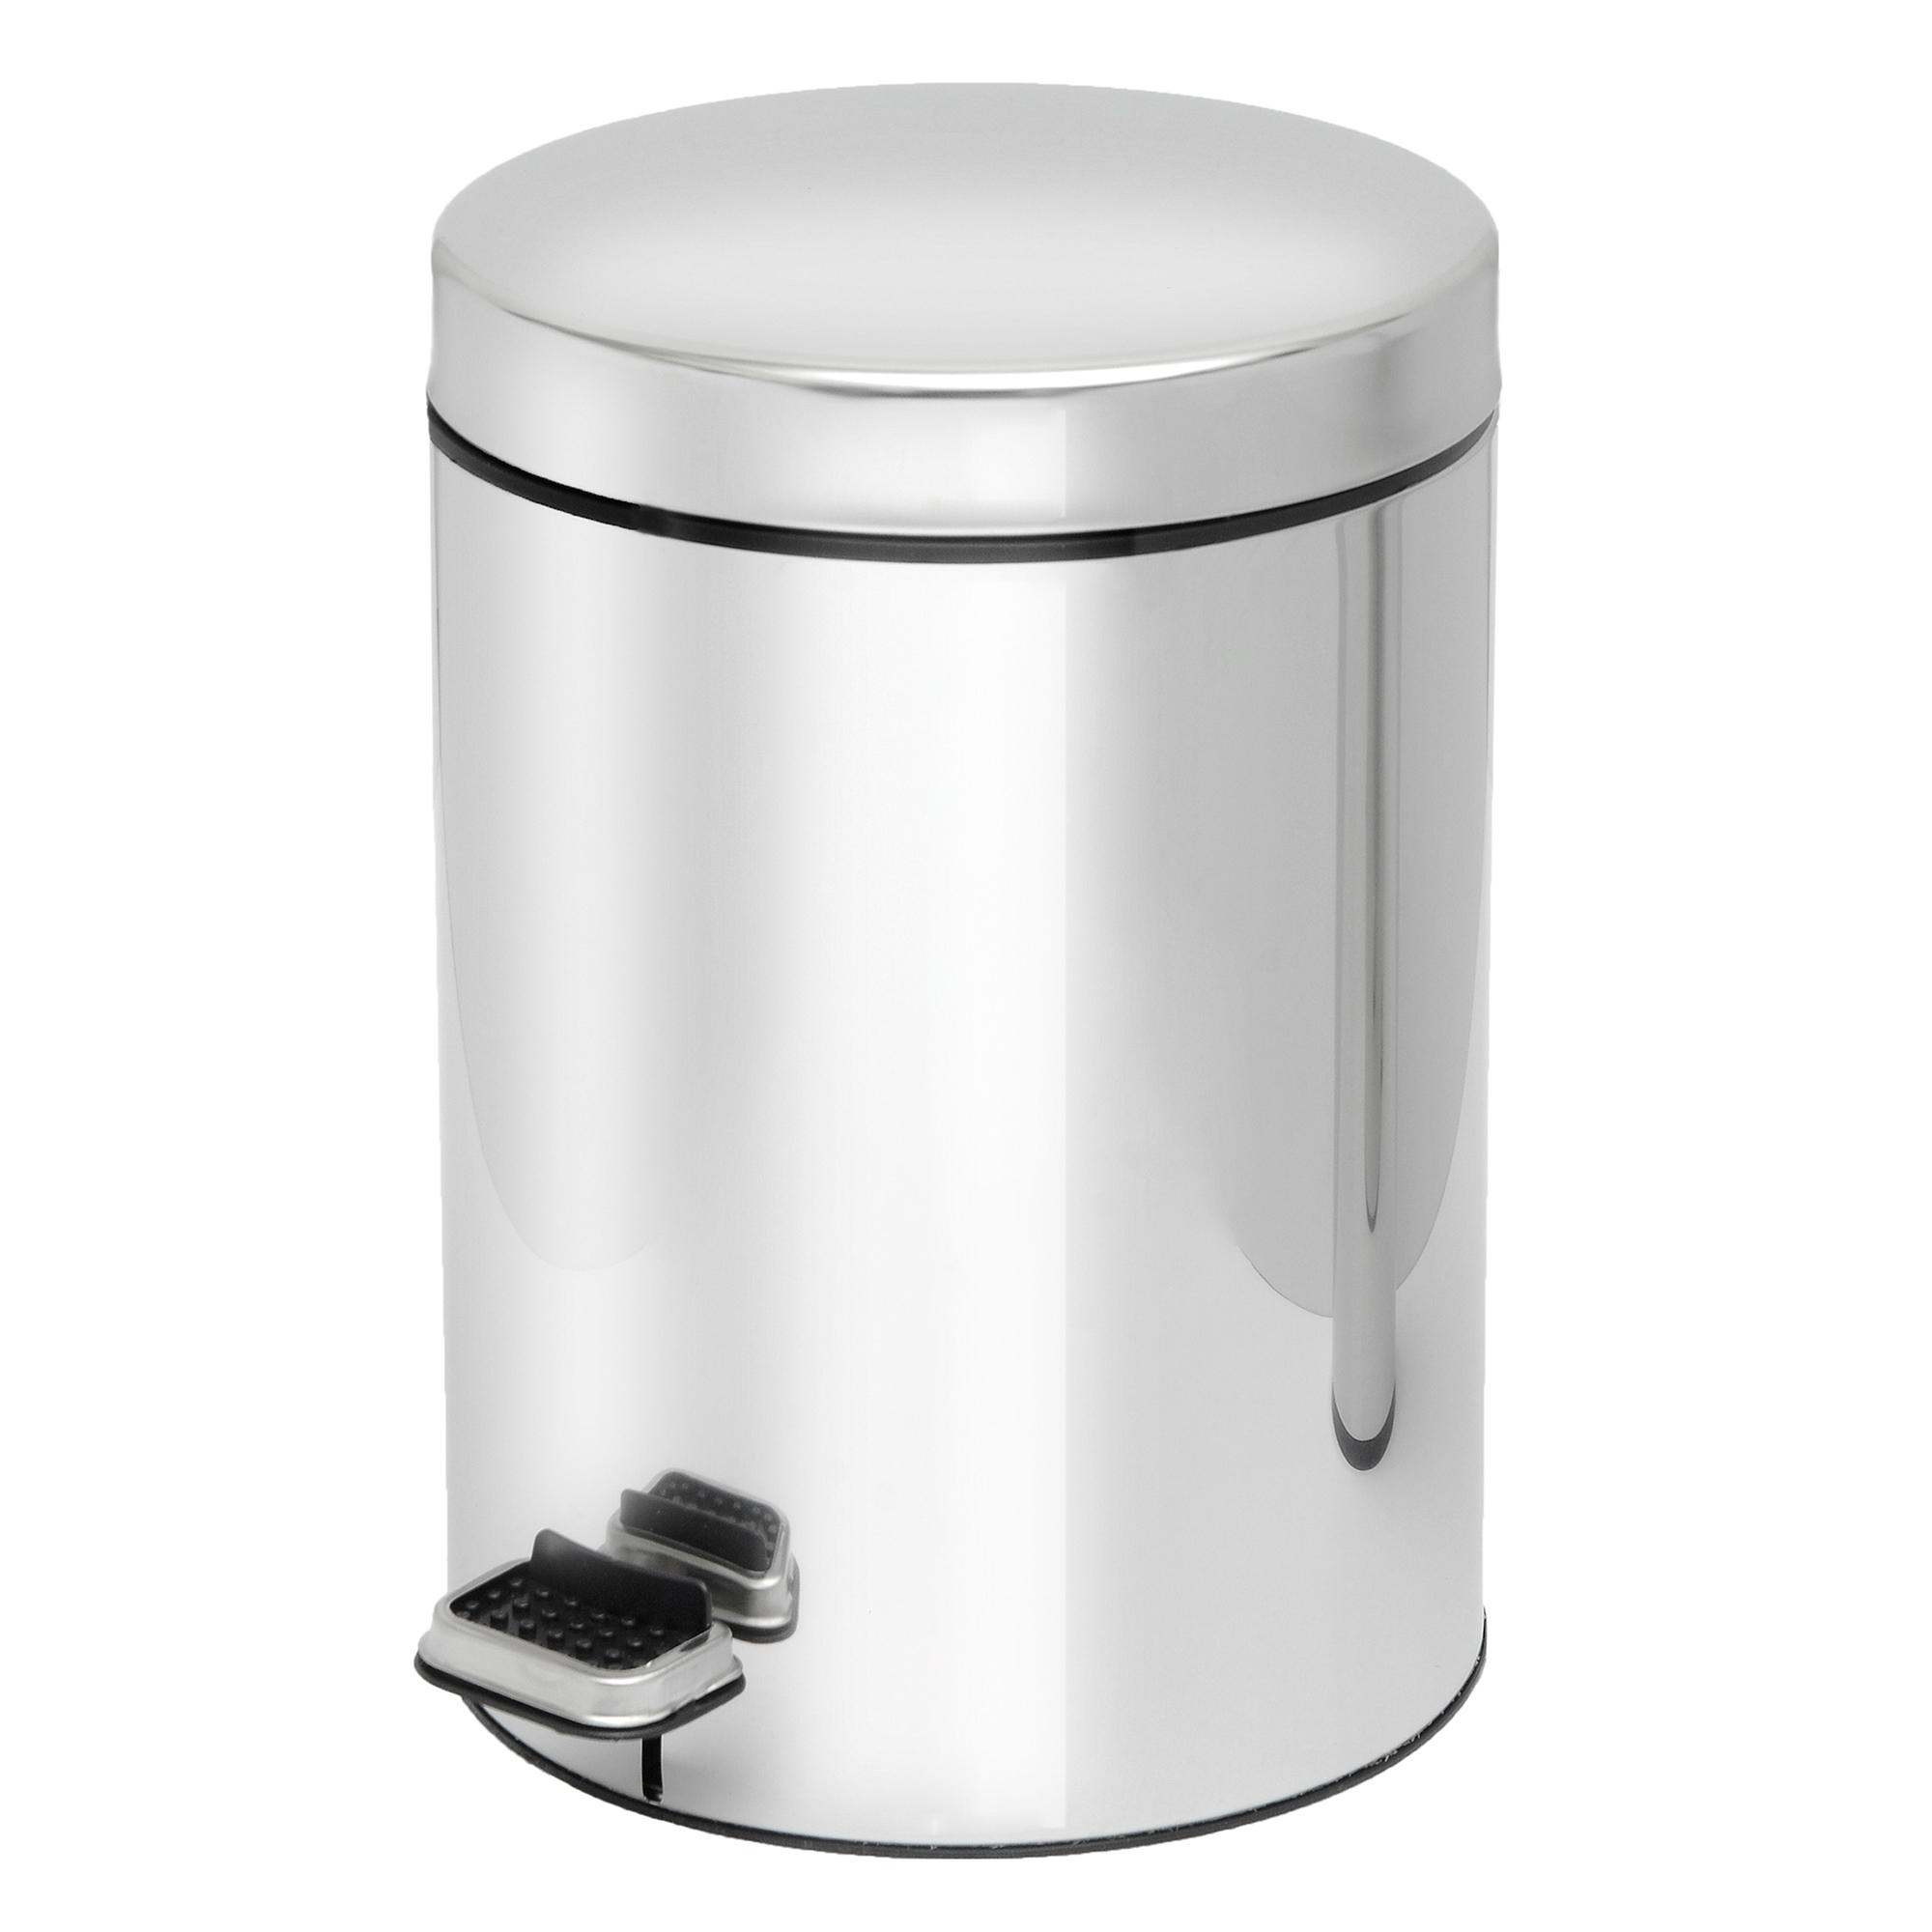 Καλάθι Απορριμμάτων 8Lt - Printezis - 14-501 μπανιο πιγκάλ   καλαθάκια μπάνιου